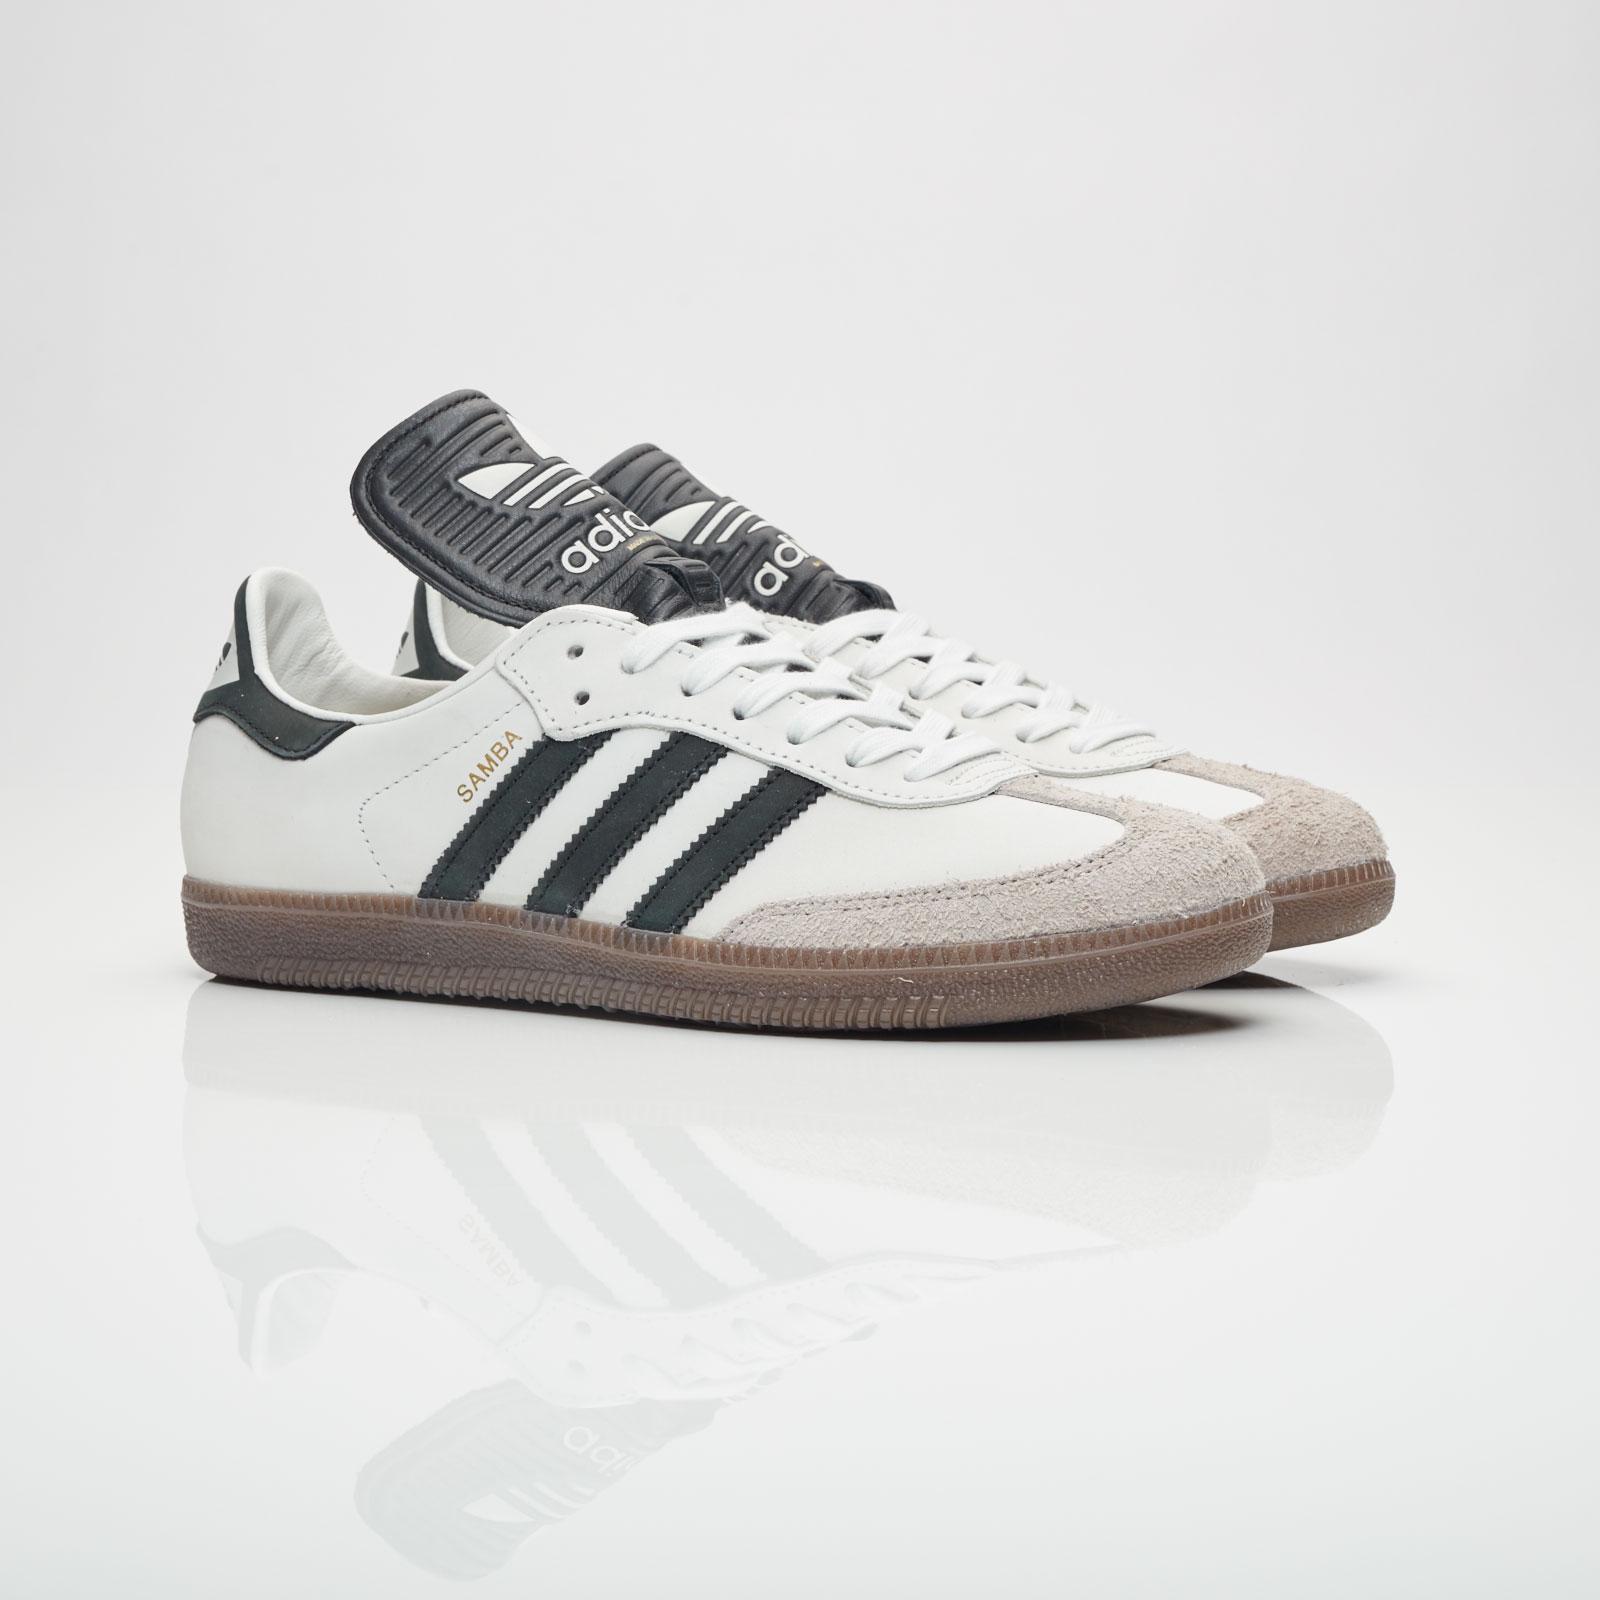 quality design 0b826 92538 adidas Originals Samba Classic OG MIG